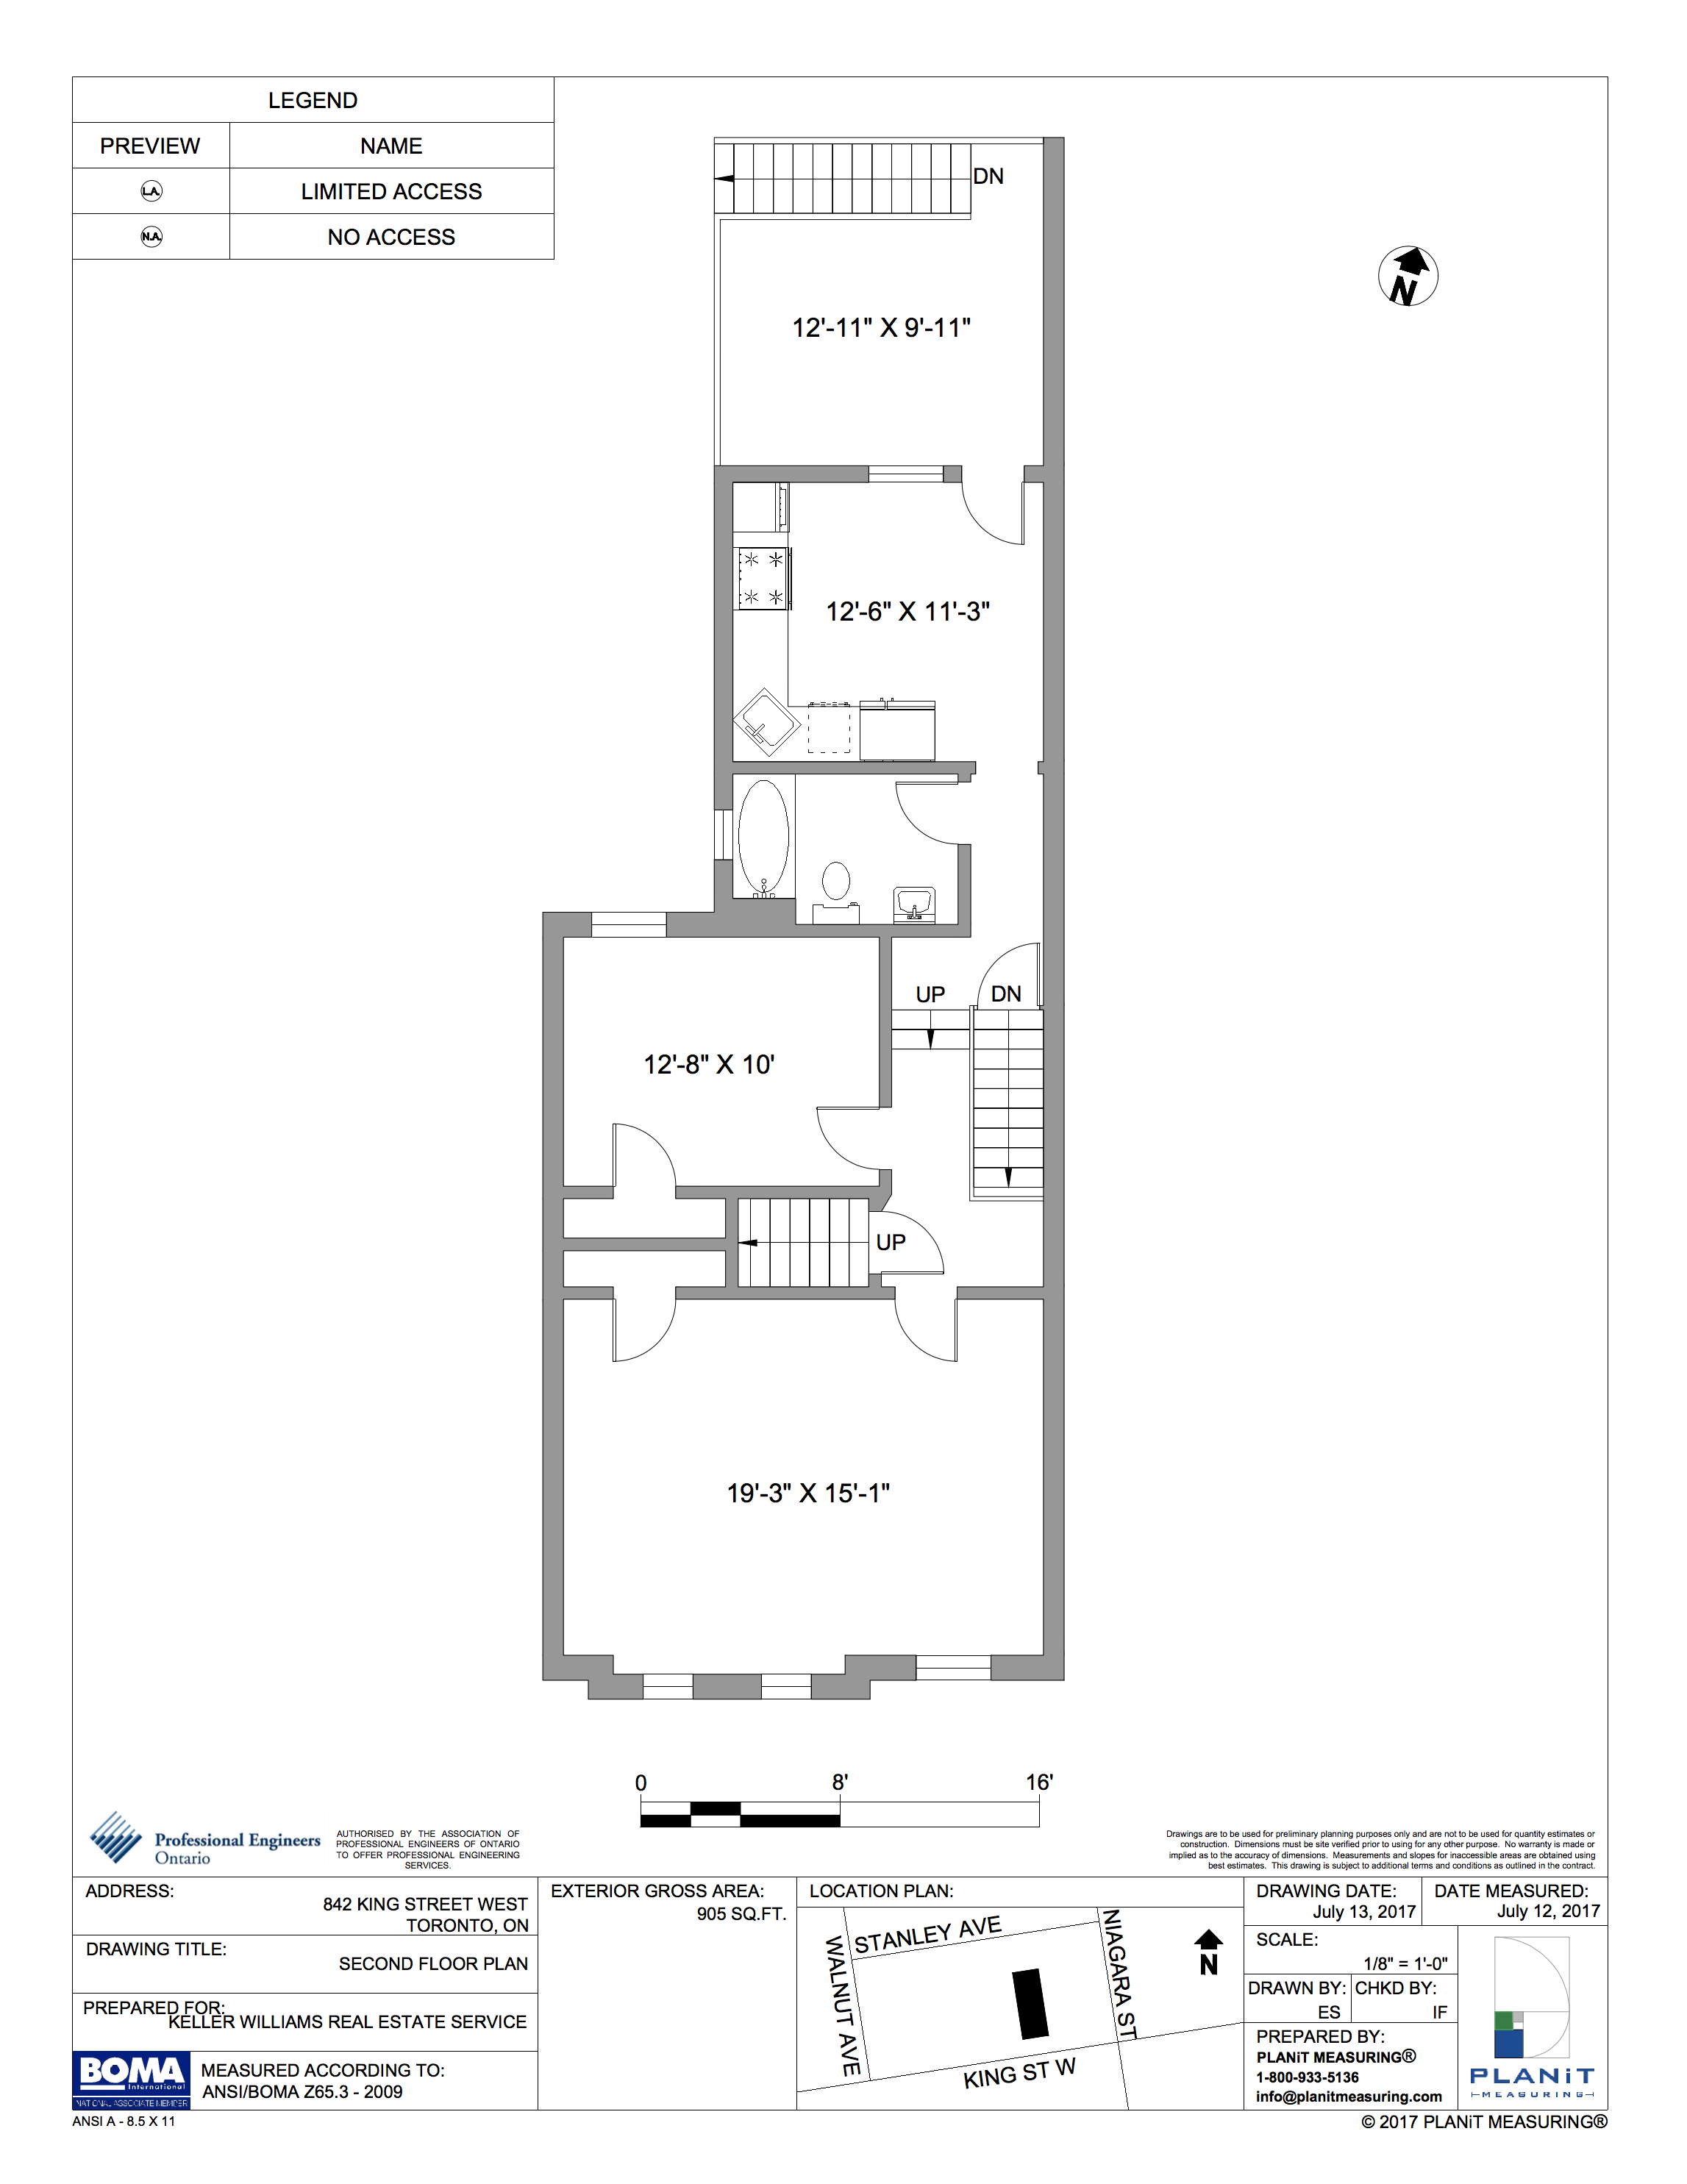 SECOND FLOOR (905 sq ft)